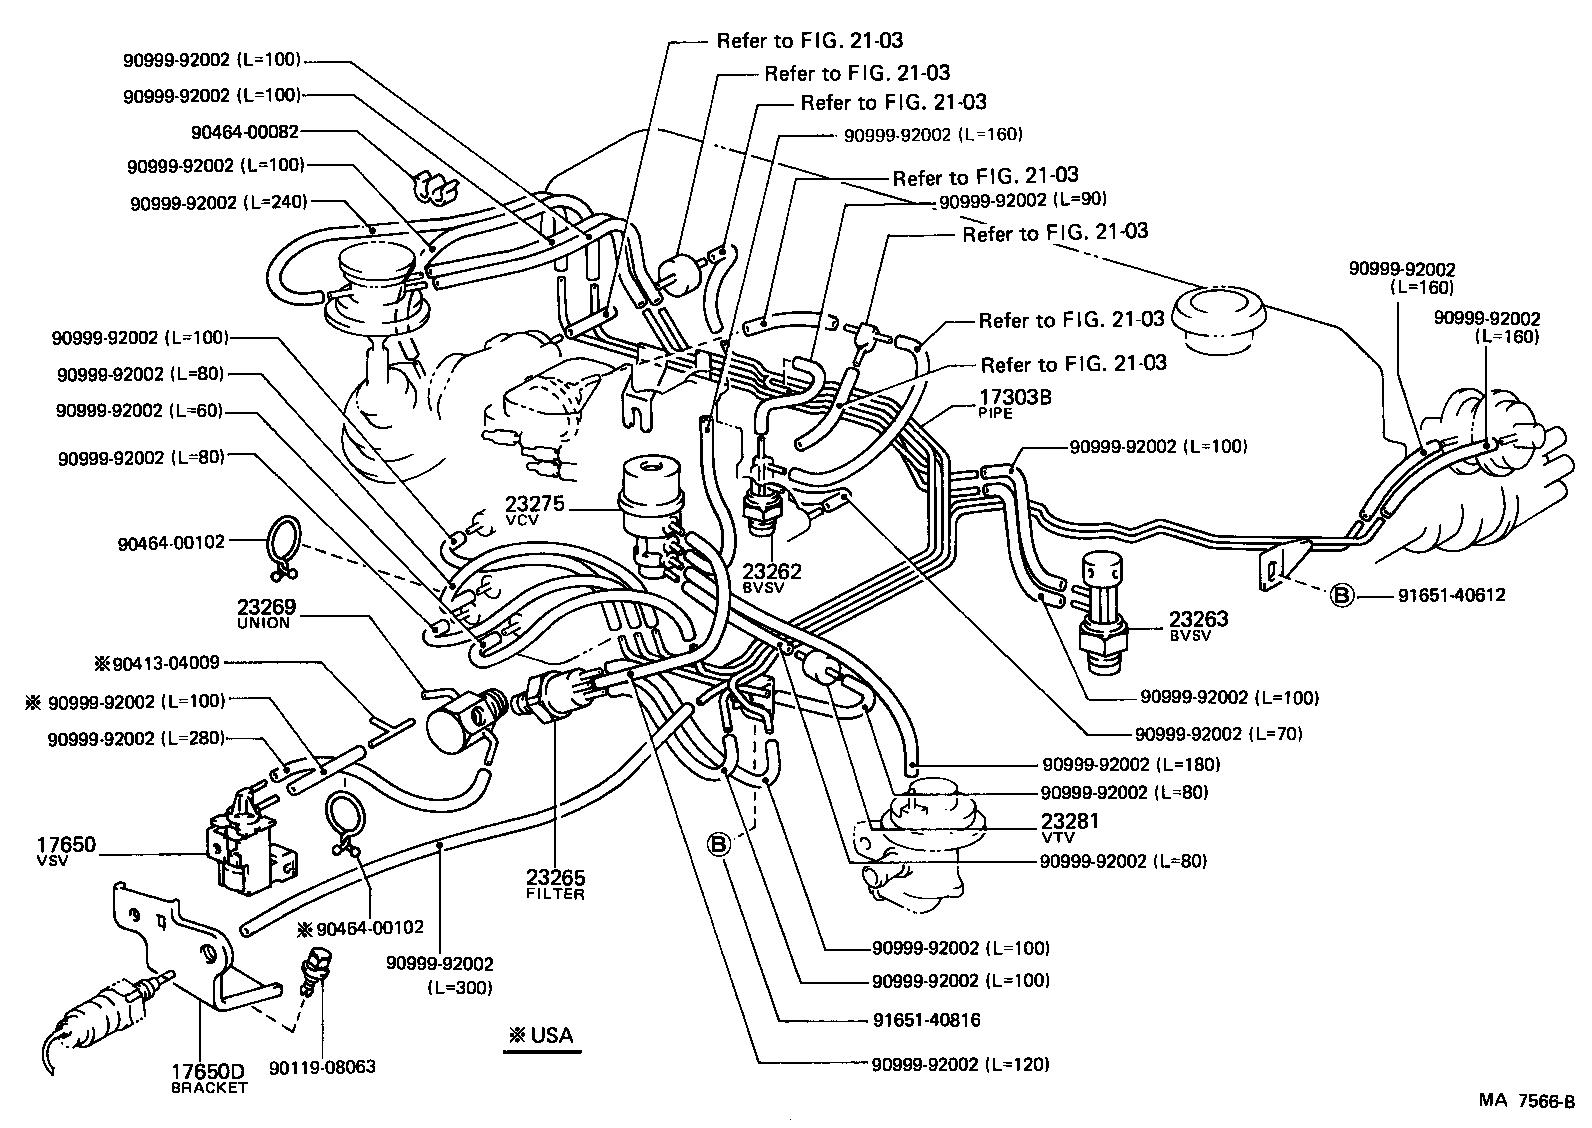 hight resolution of 85 toyota 22re vacuum diagram 1988 toyota 22re ignition 93 toyota 22re engine diagram 1985 toyota pickup vacuum diagram